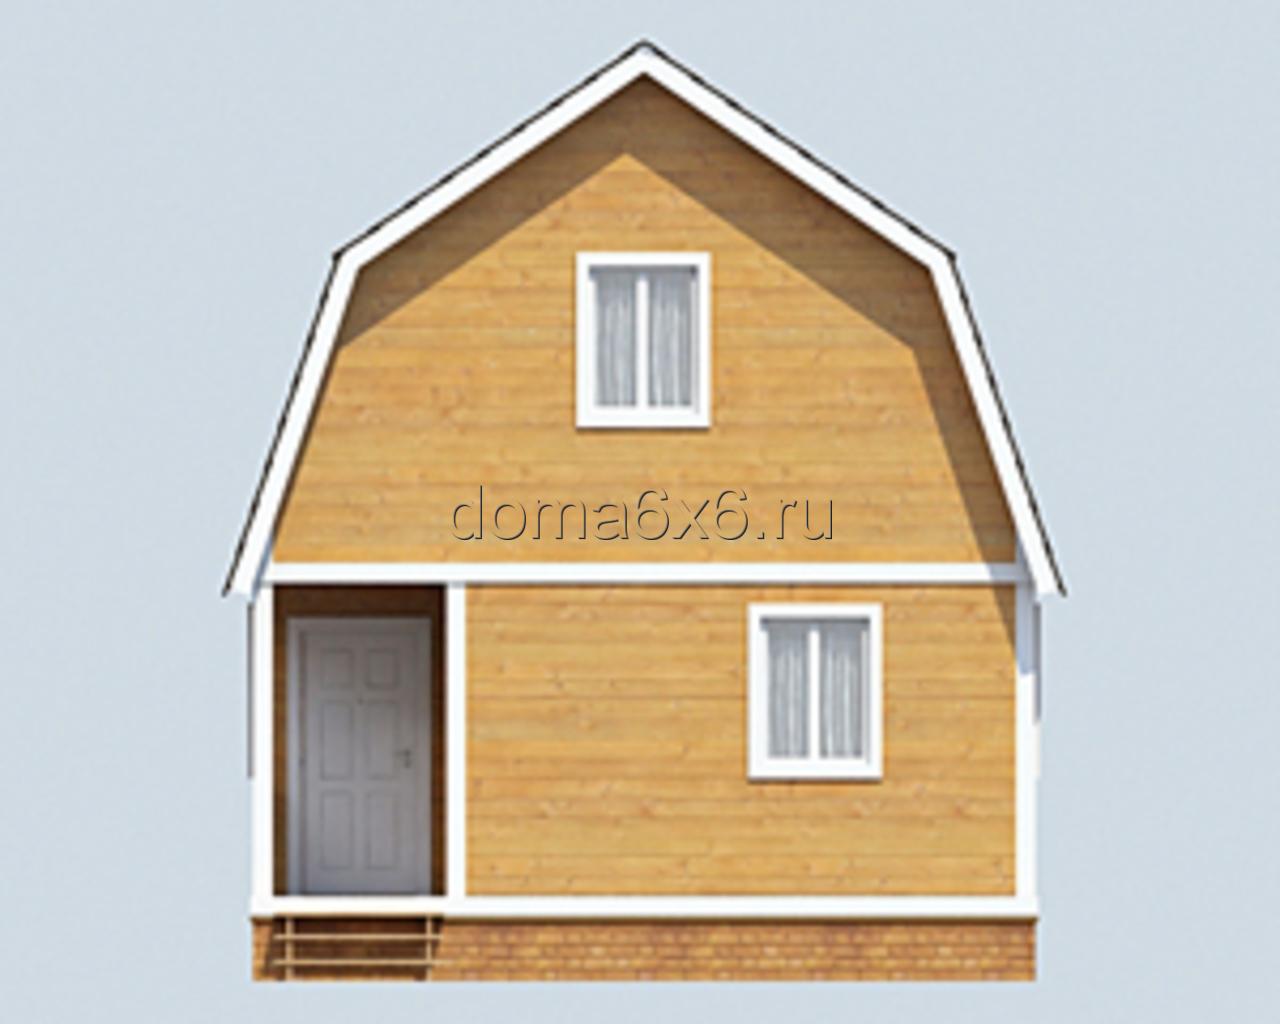 Проект дома с внутренним дизайном